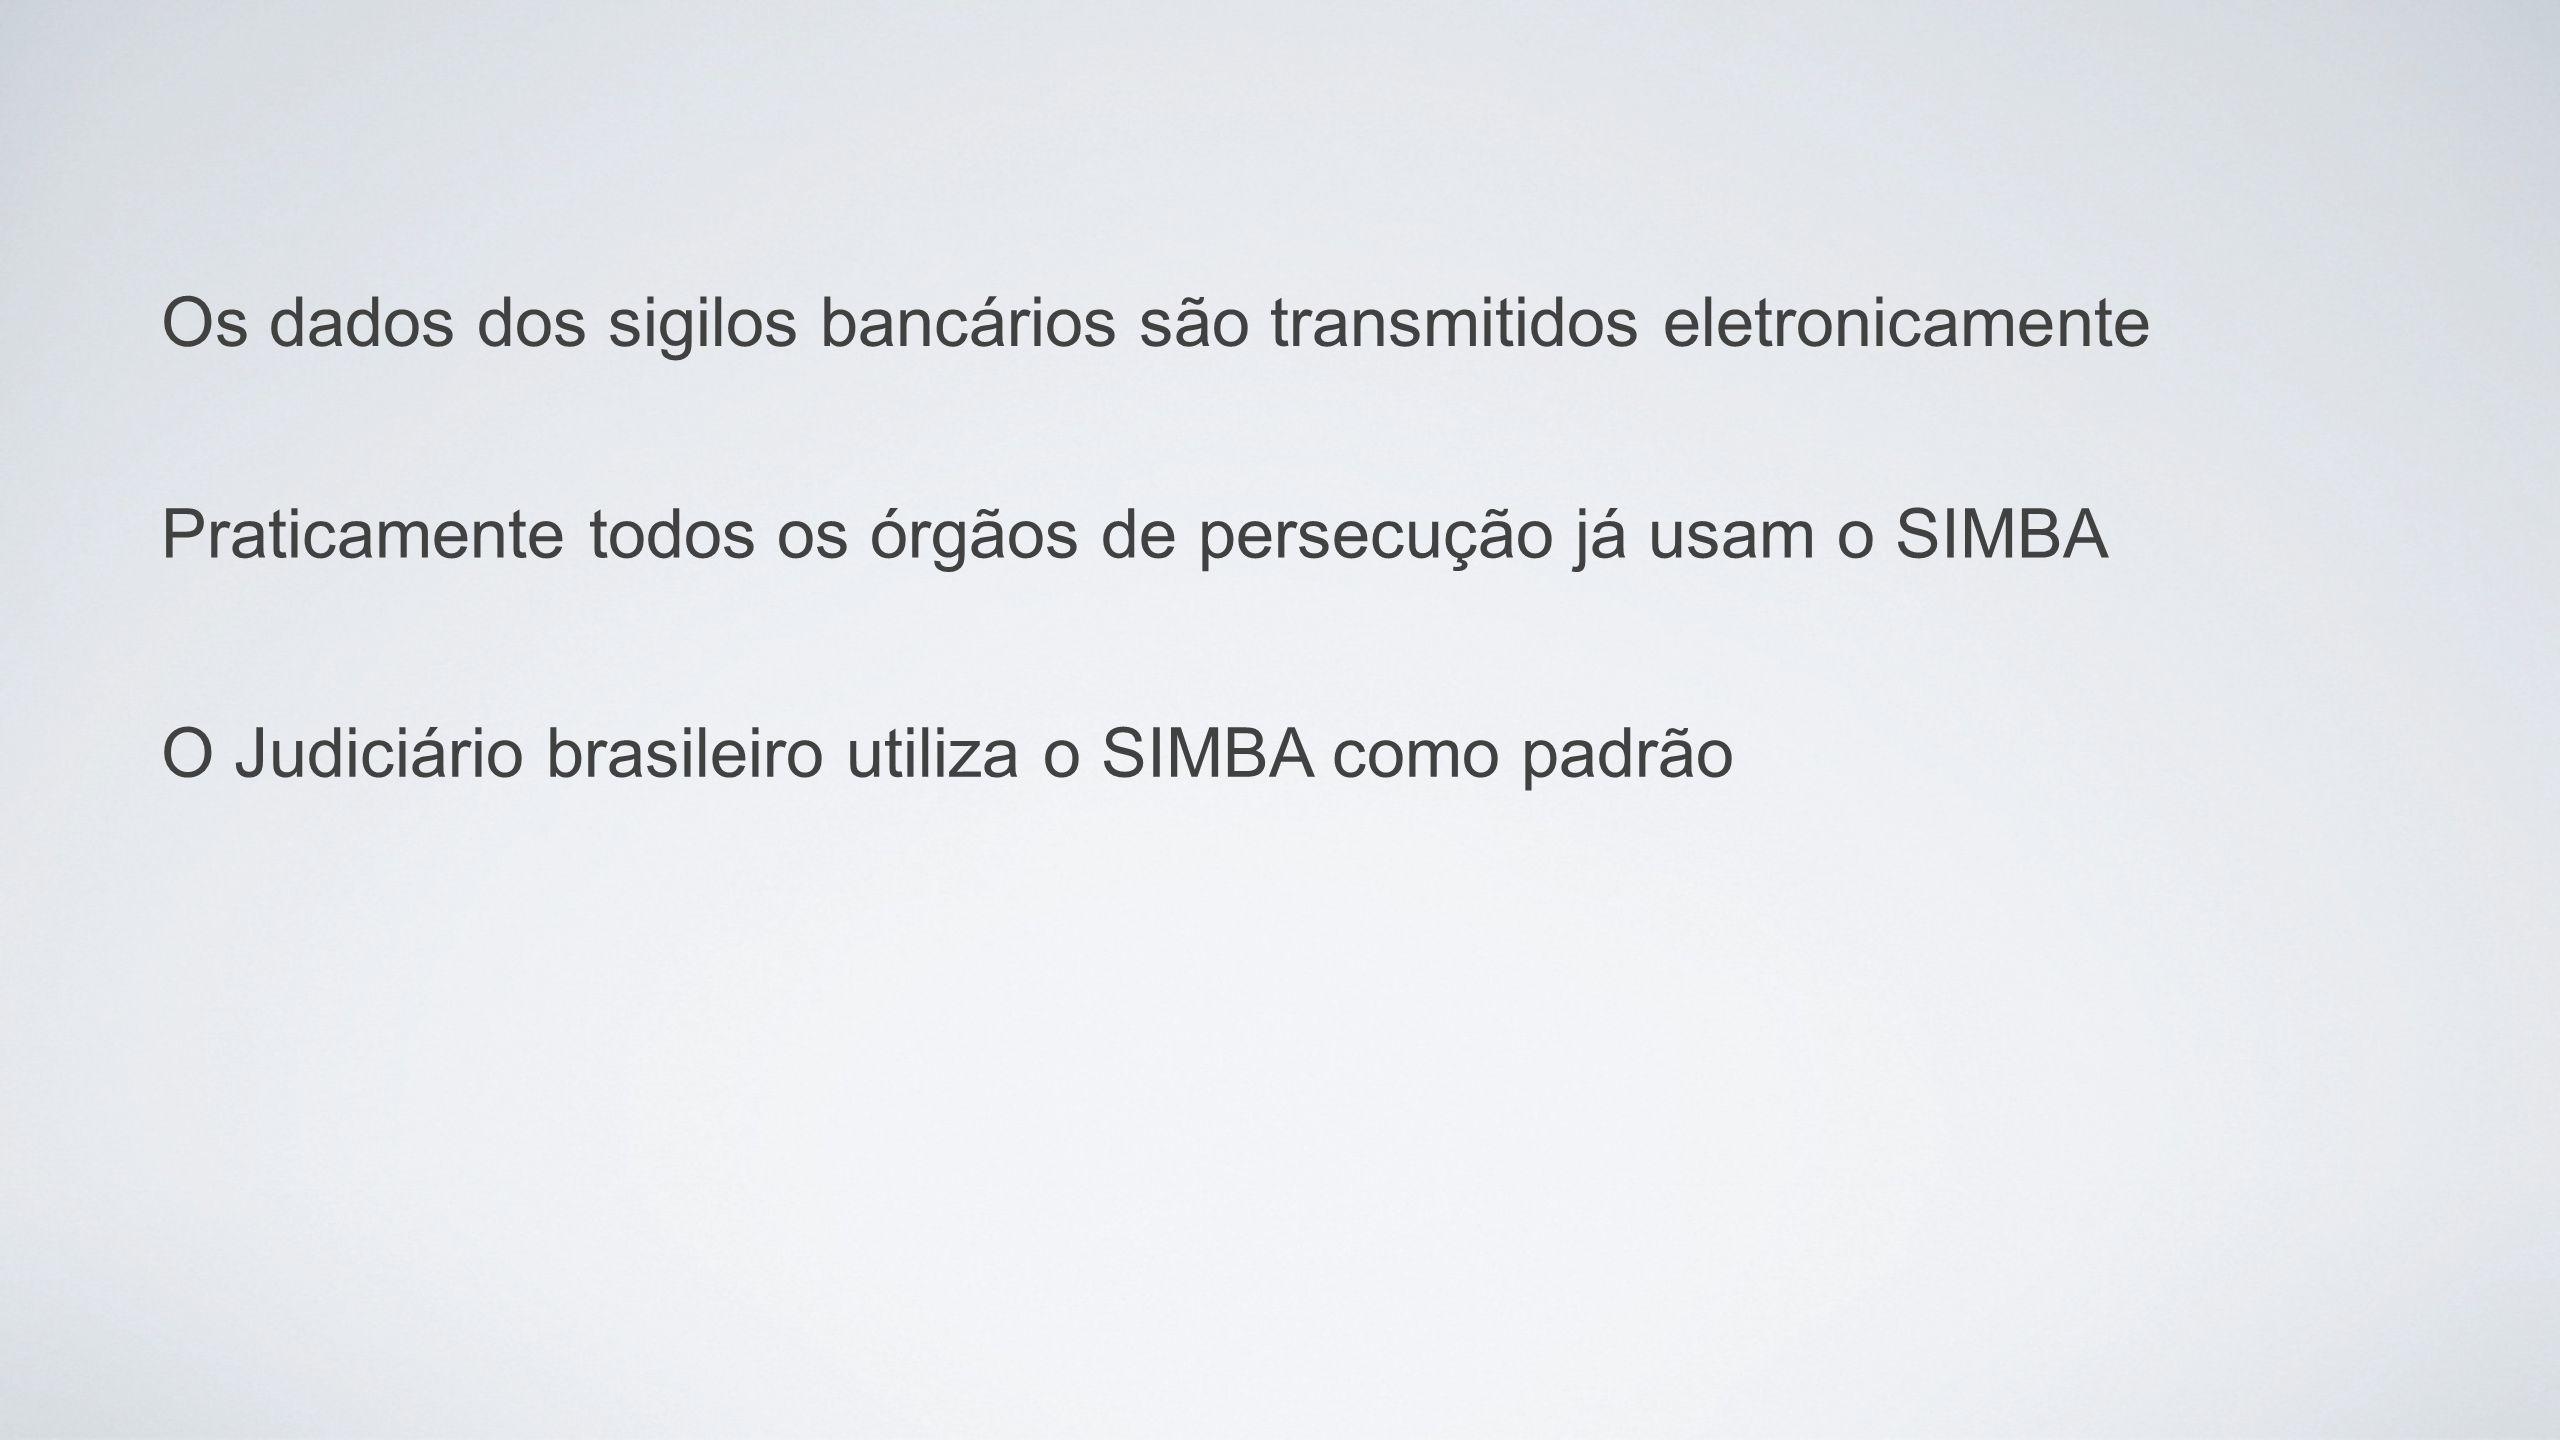 Os dados dos sigilos bancários são transmitidos eletronicamente